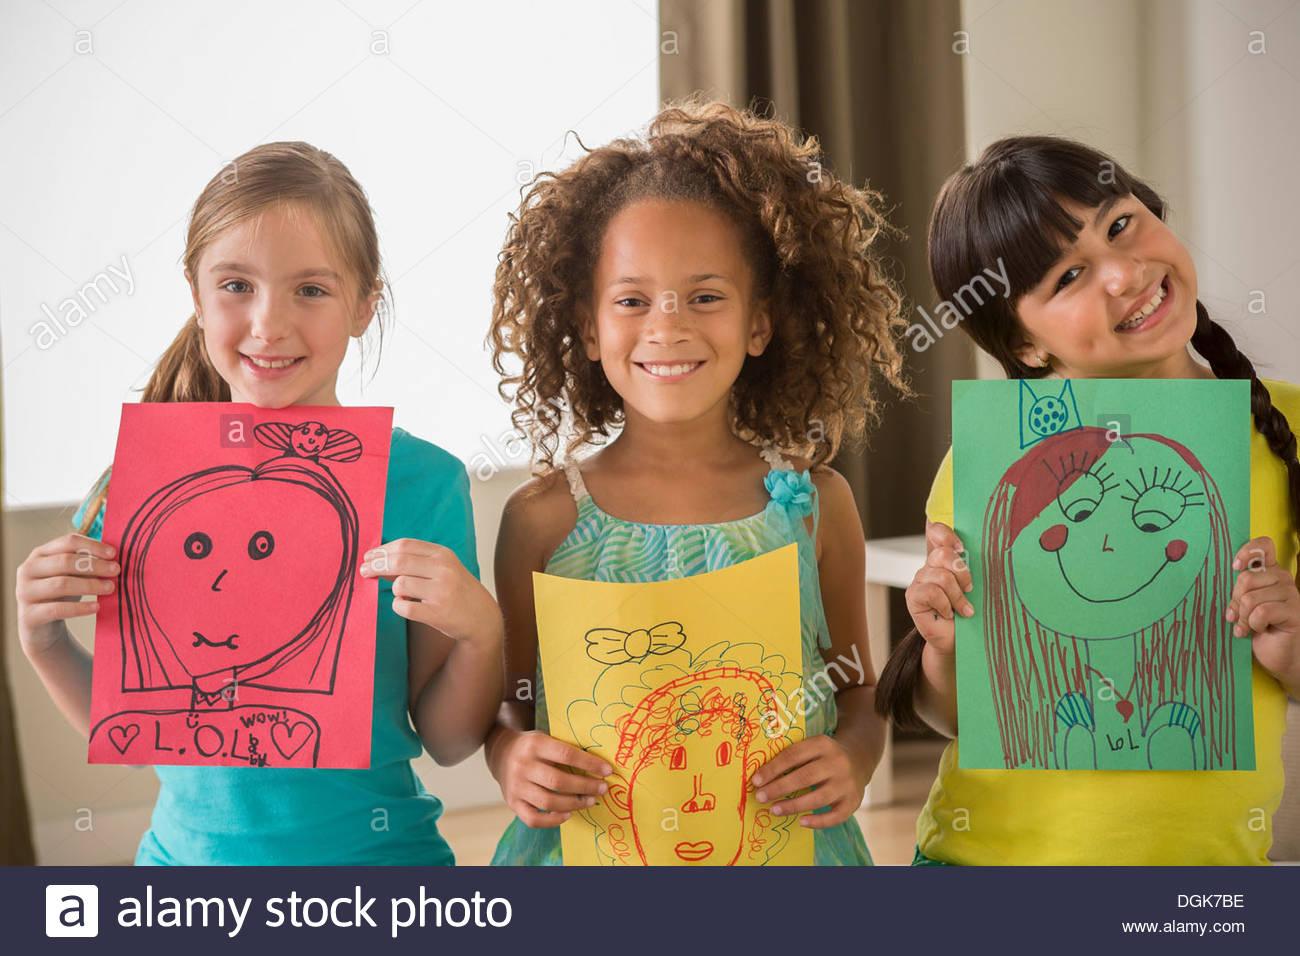 Trois jeunes filles tenant des dessins de visages Photo Stock